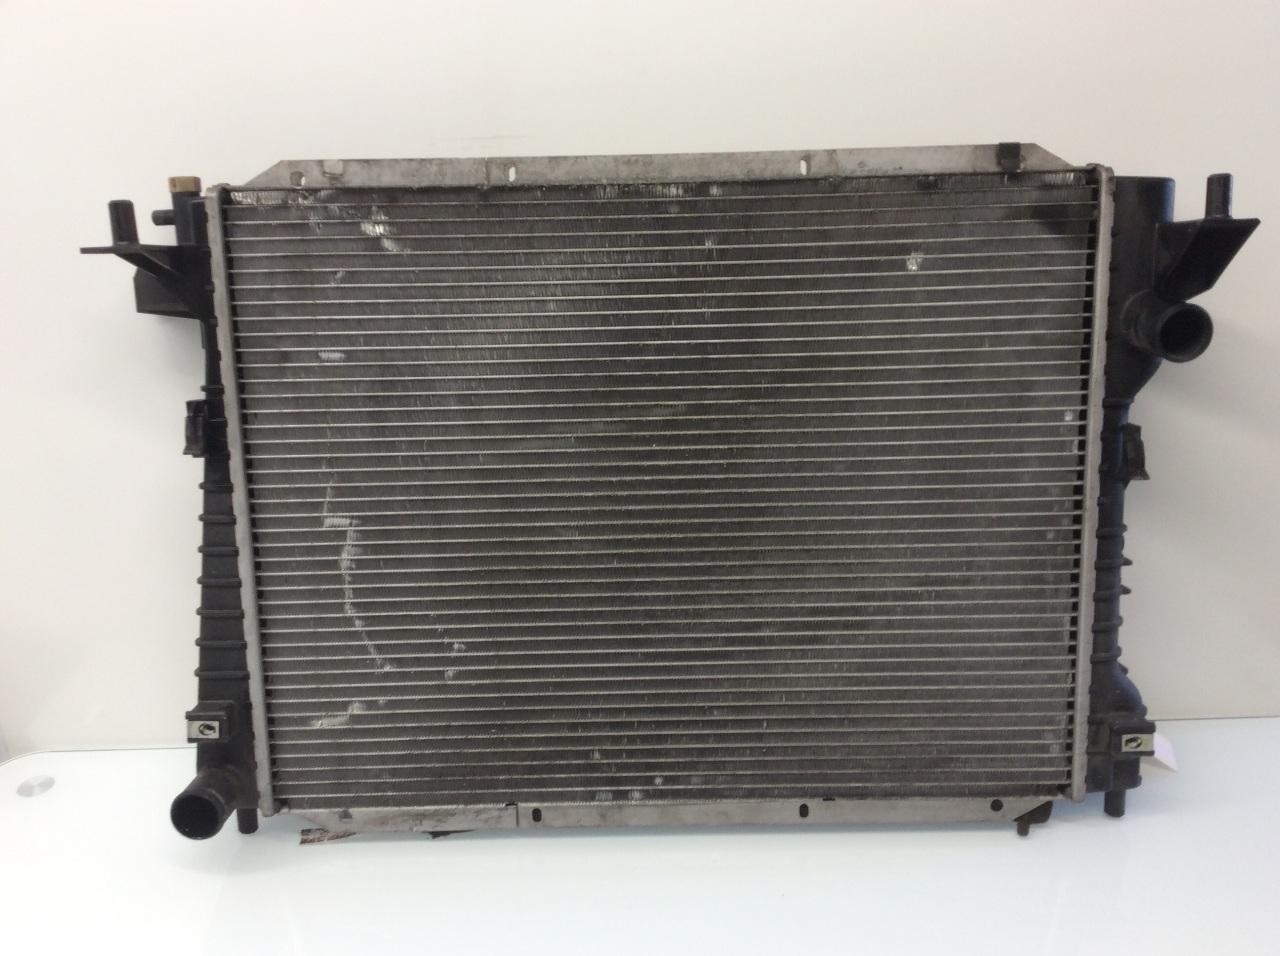 00 01 02 Jaguar S-type radiator assembly 4.0 XR82935